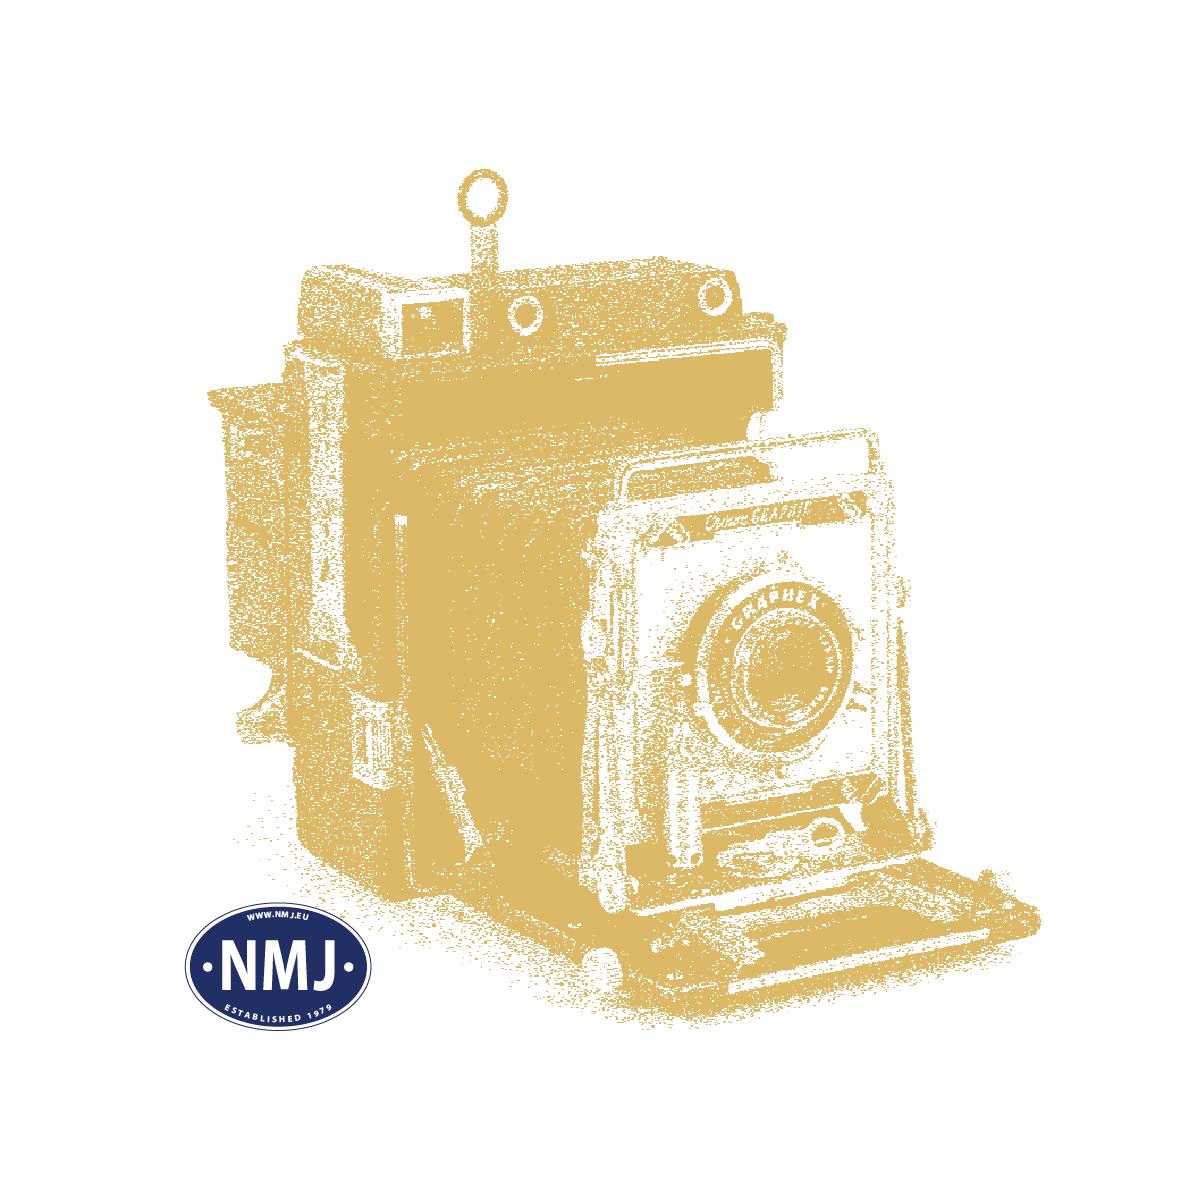 NMJT603.201 - NMJ Topline SJ D30 3511 Postvogn